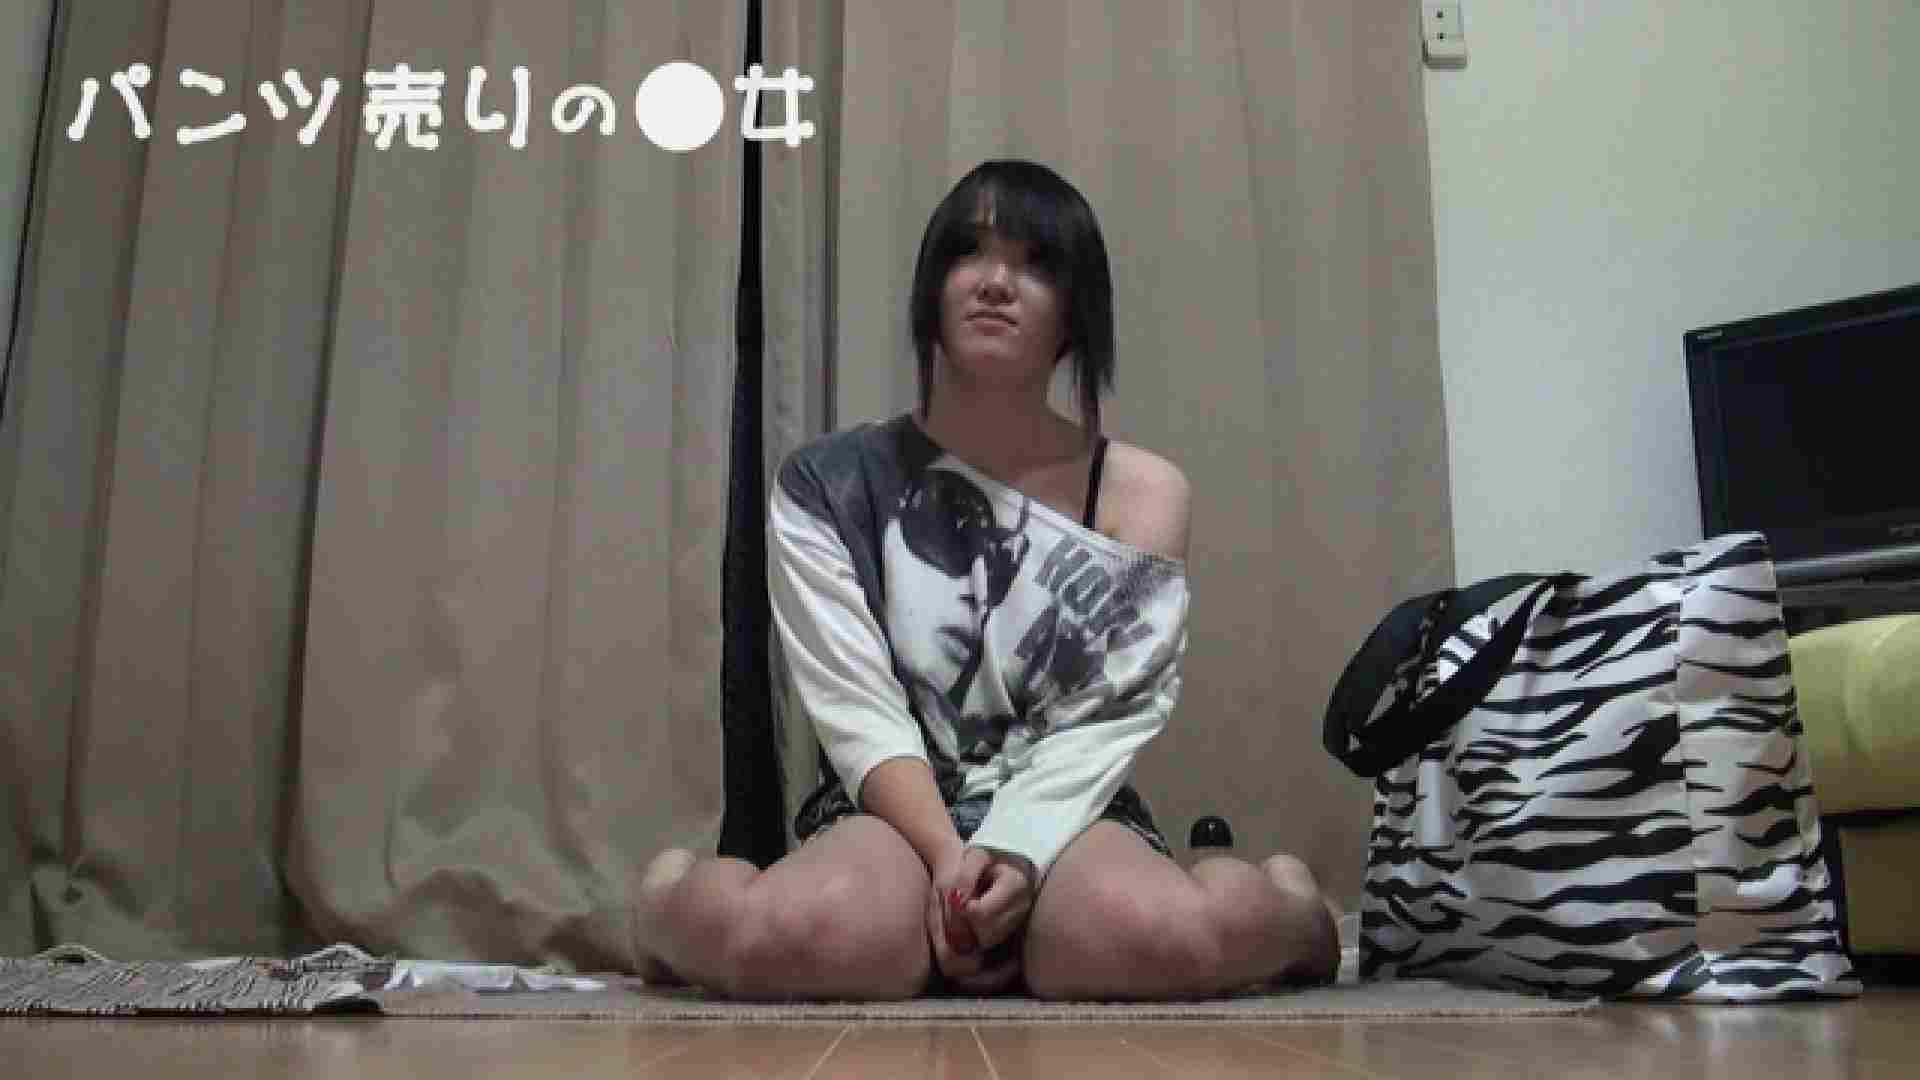 新説 パンツ売りの女の子mizuki02 覗き | 超エロギャル  89枚 6